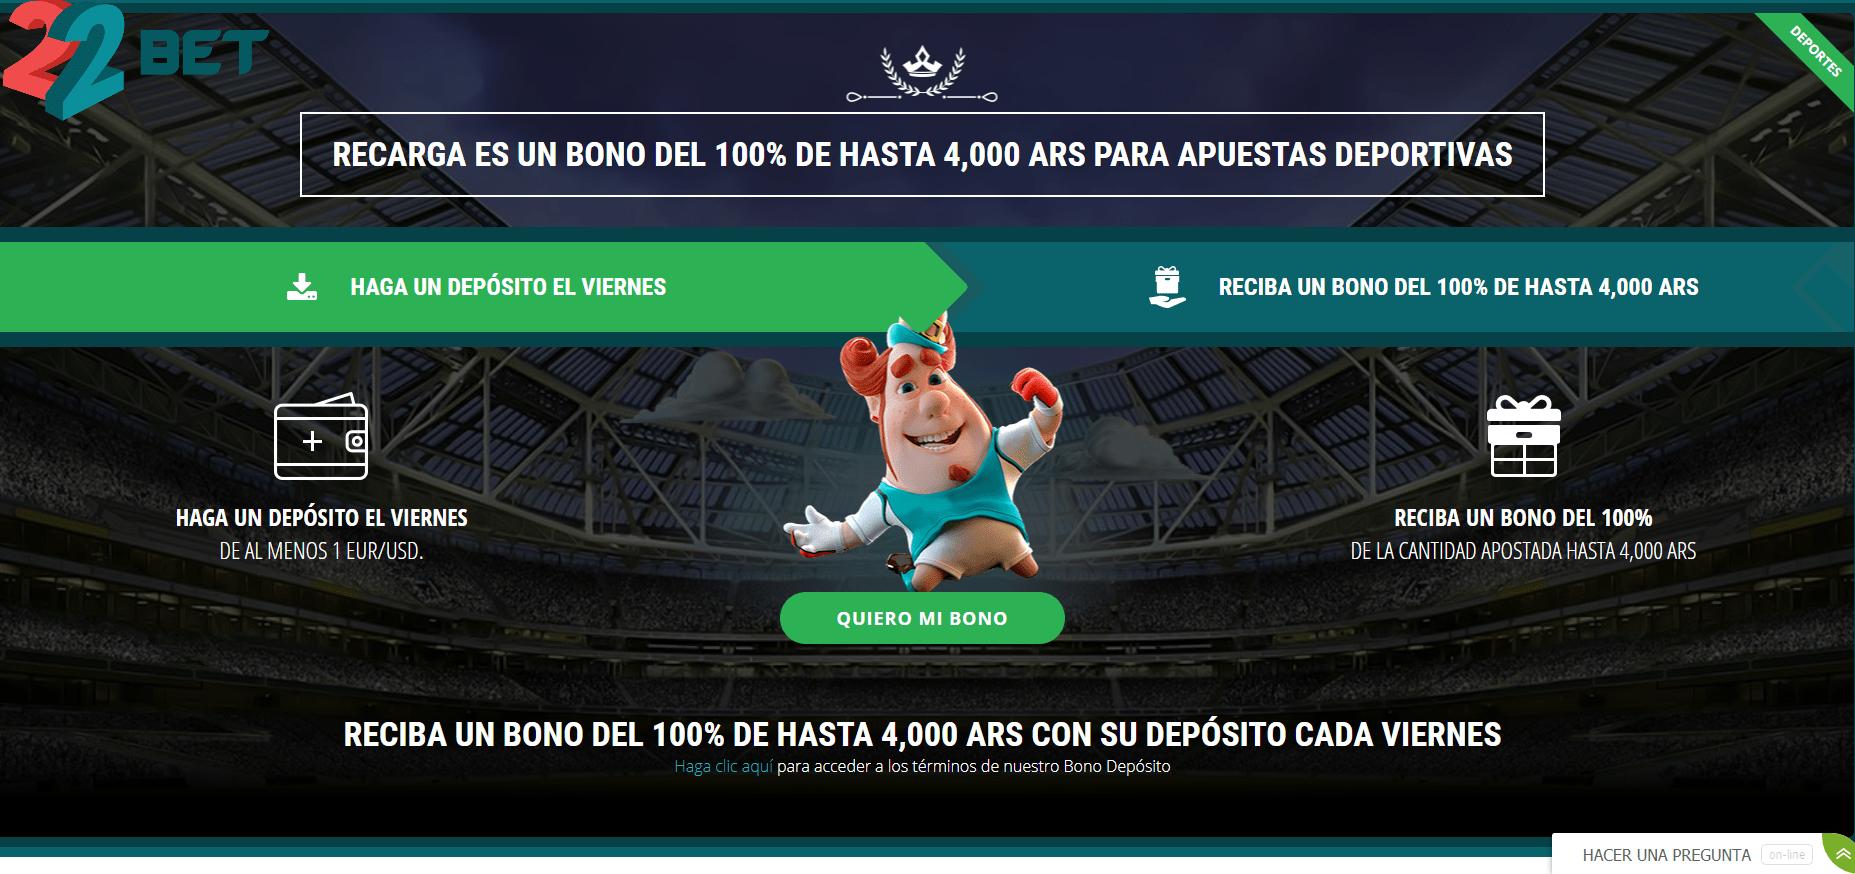 Promociones 22BetCasino Argentina